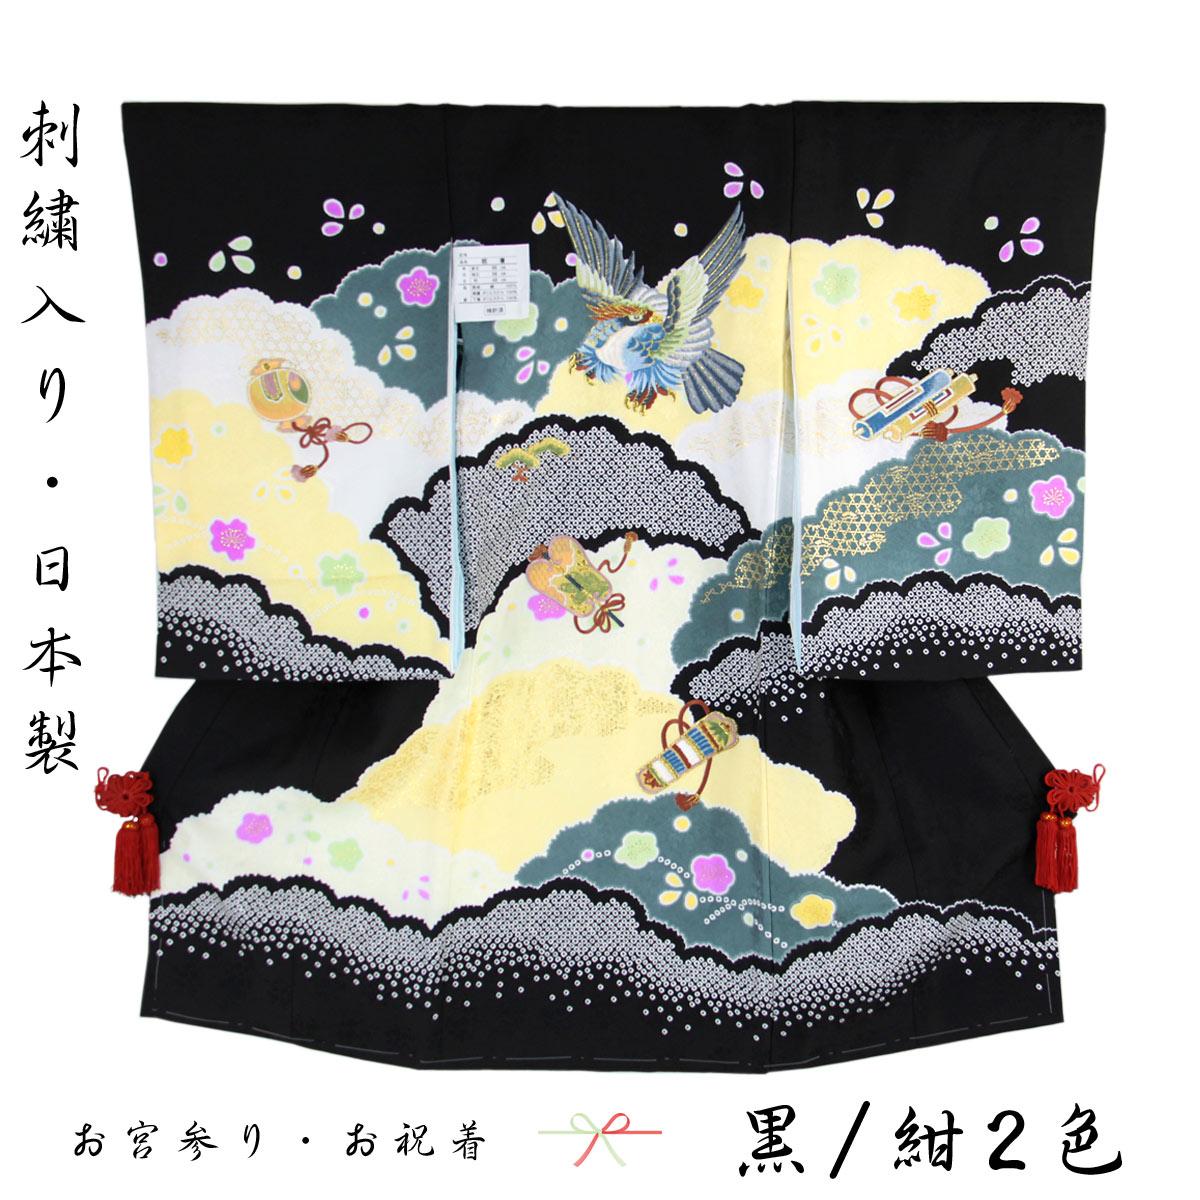 宮参り着物 -6- 祝着 お宮参り 男の子 初着 百日祝い 日本製 黒 紺 鷹 刺繍 桜 吉祥